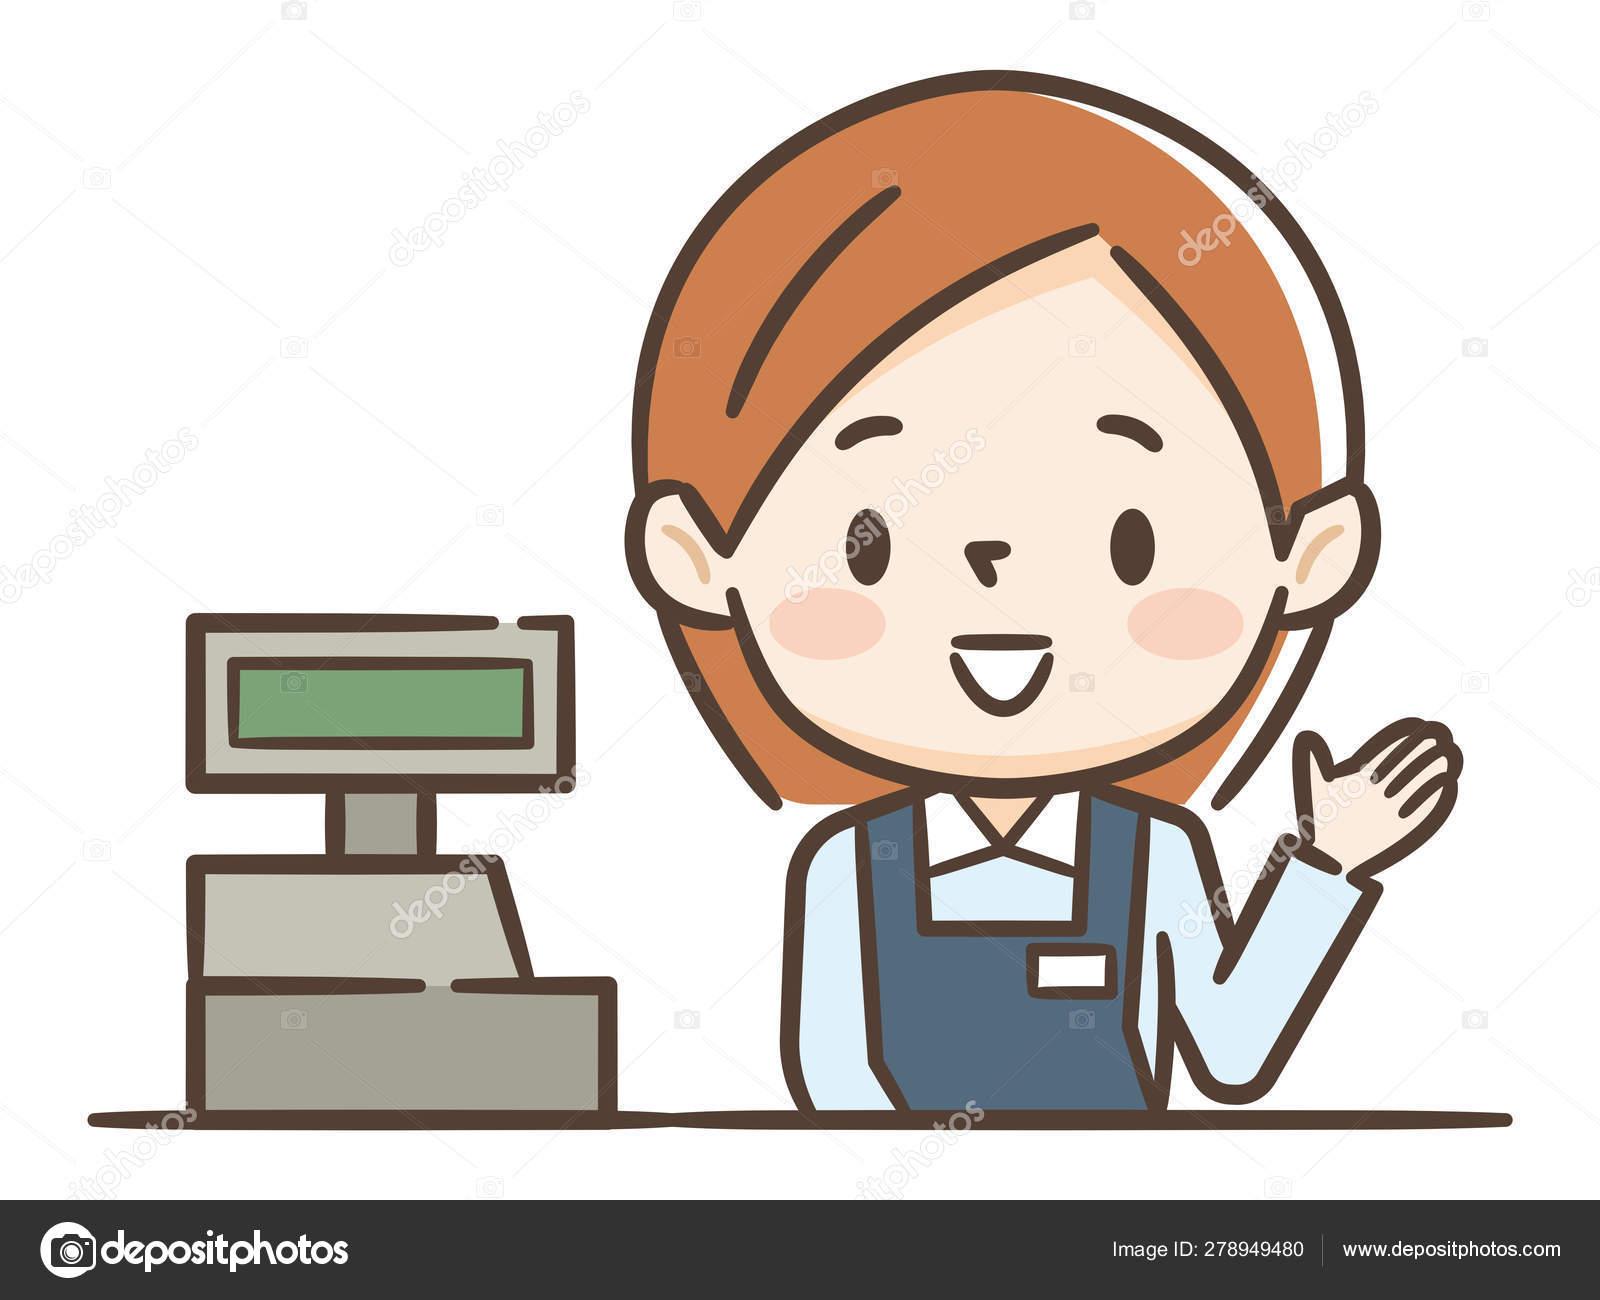 Cartoon Cashier Stock Illustrations – 2,737 Cartoon Cashier Stock  Illustrations, Vectors & Clipart - Dreamstime